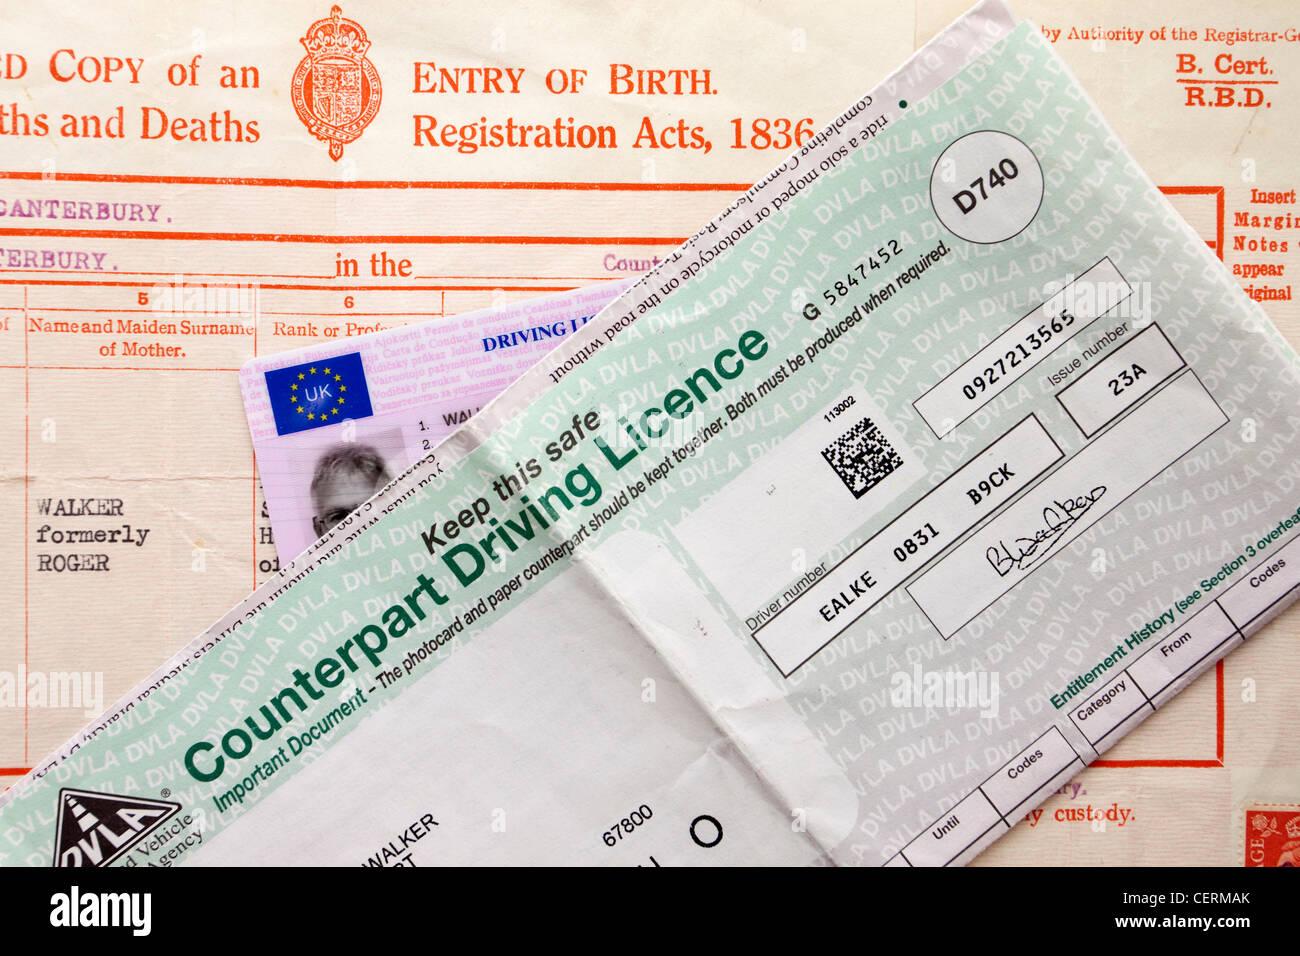 Uk Driving Licence Imágenes De Stock & Uk Driving Licence Fotos De ...